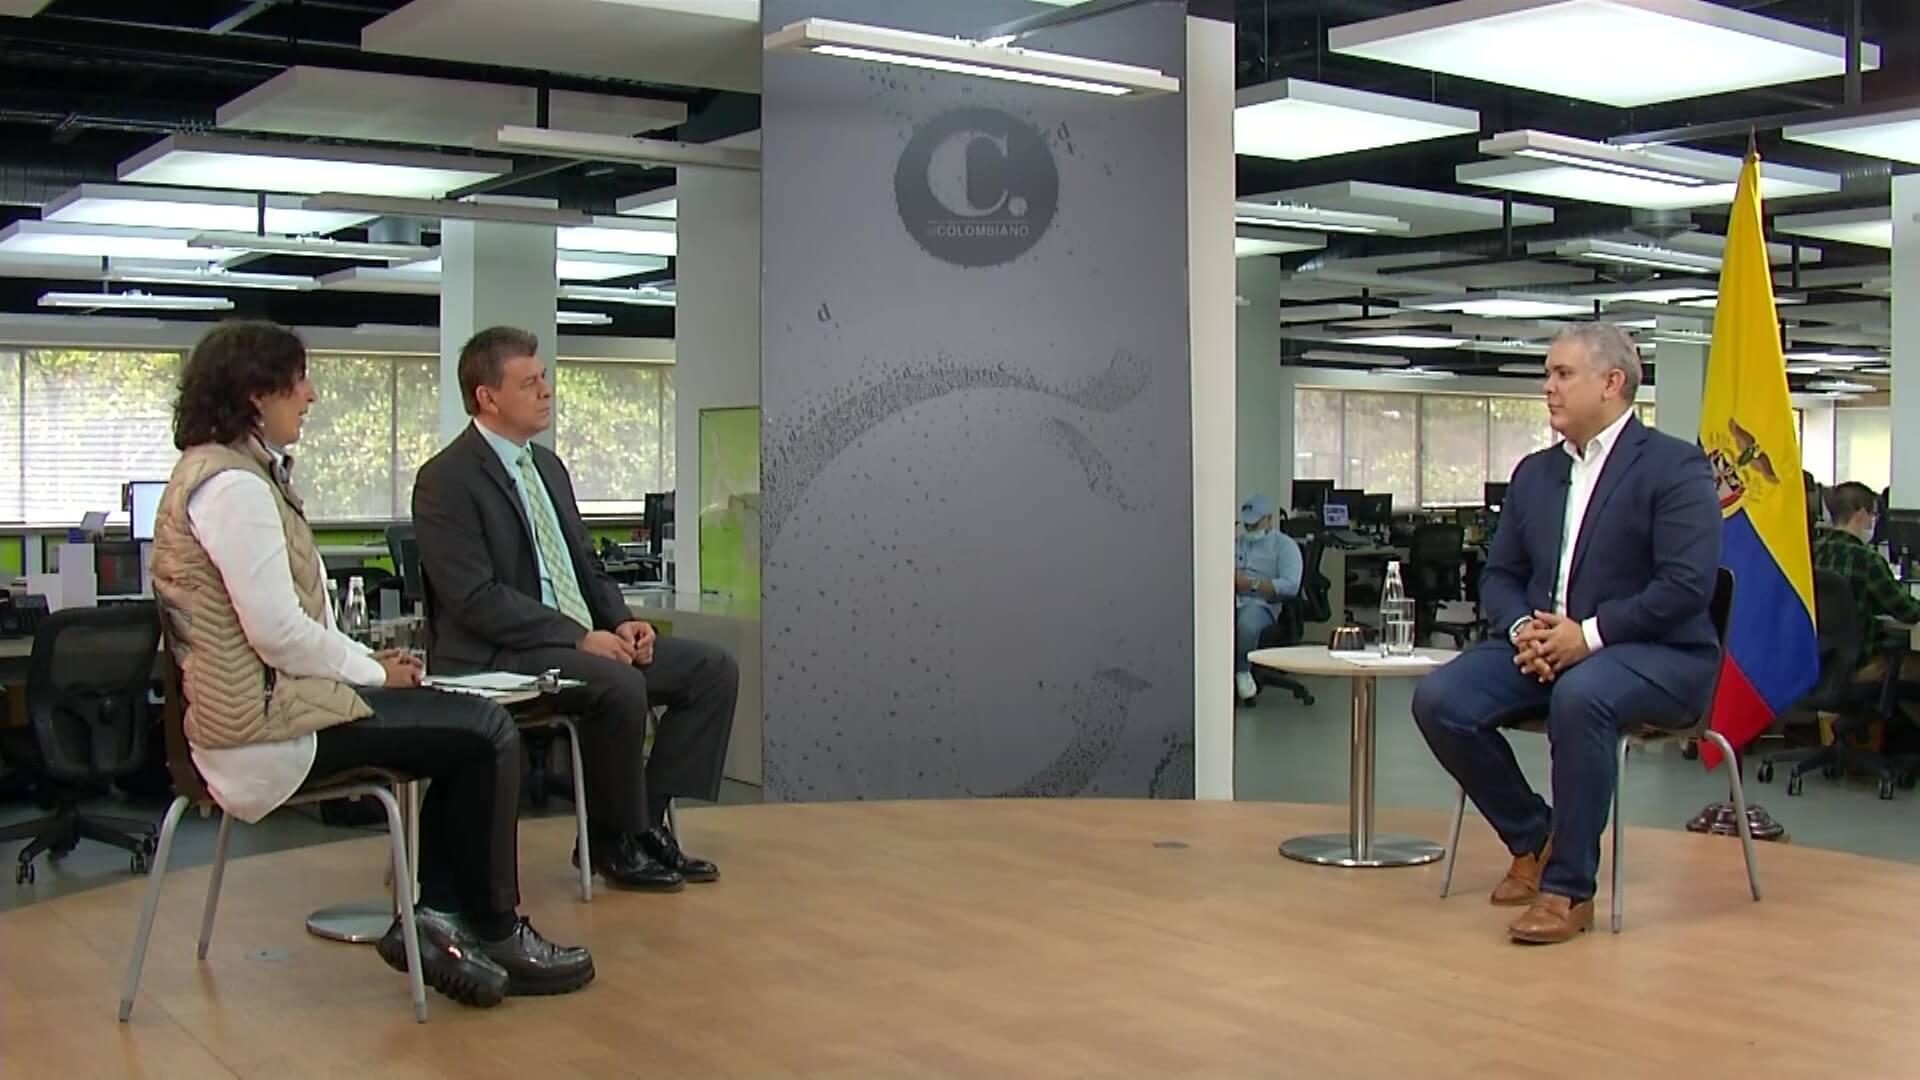 #EspecialesTA en unión con El Colombiano: entrevista al presidente Iván Duque.